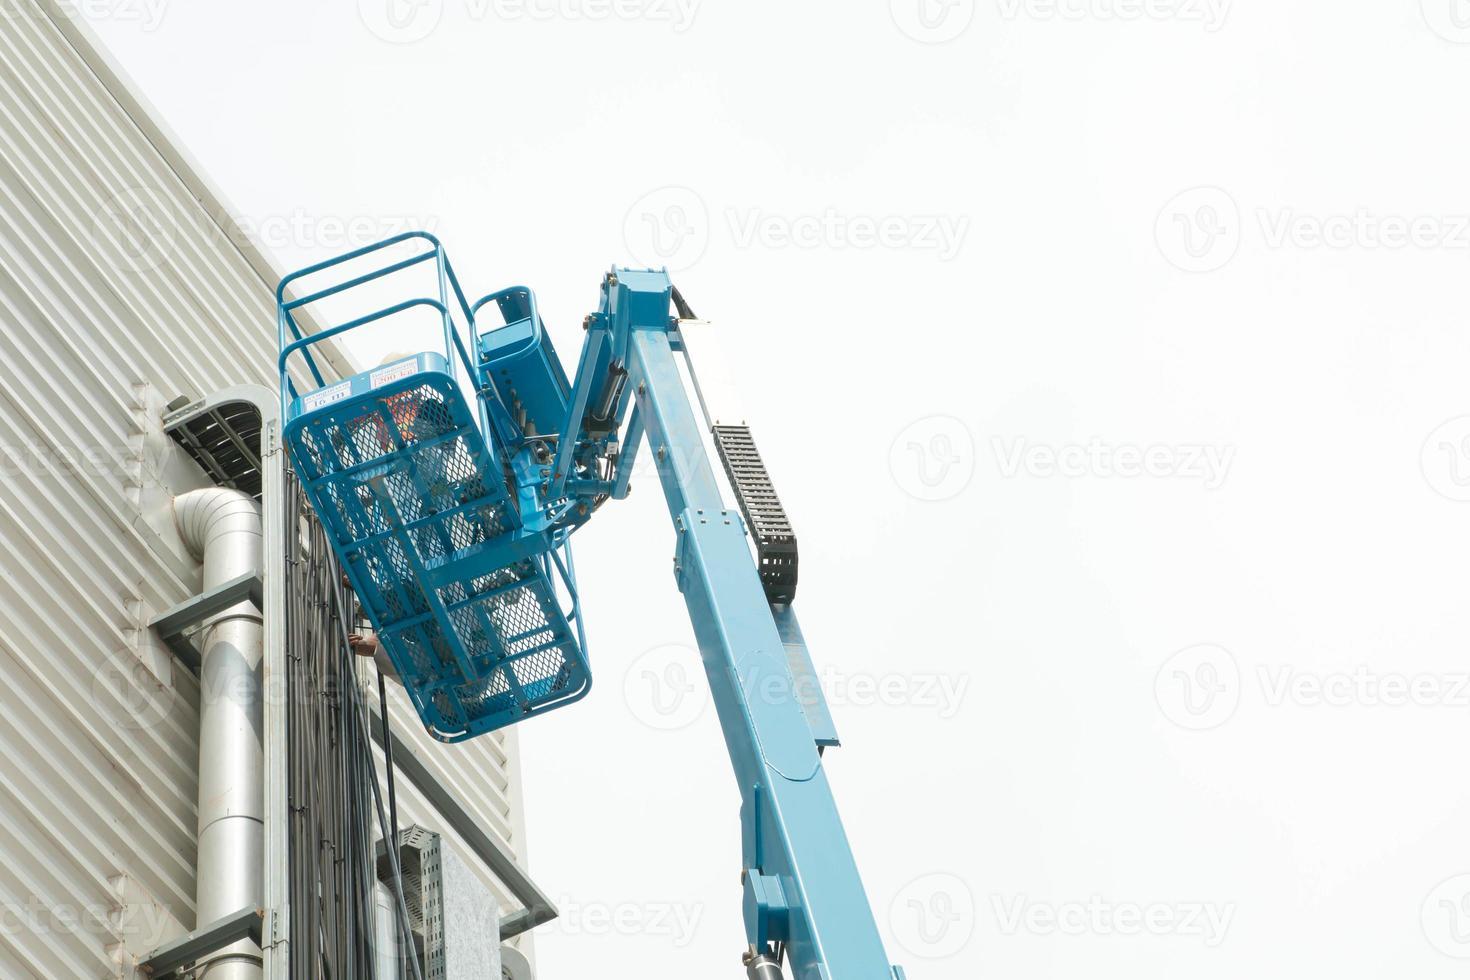 hydraulisk mobil konstruktionsplattform höjt mot en blå foto